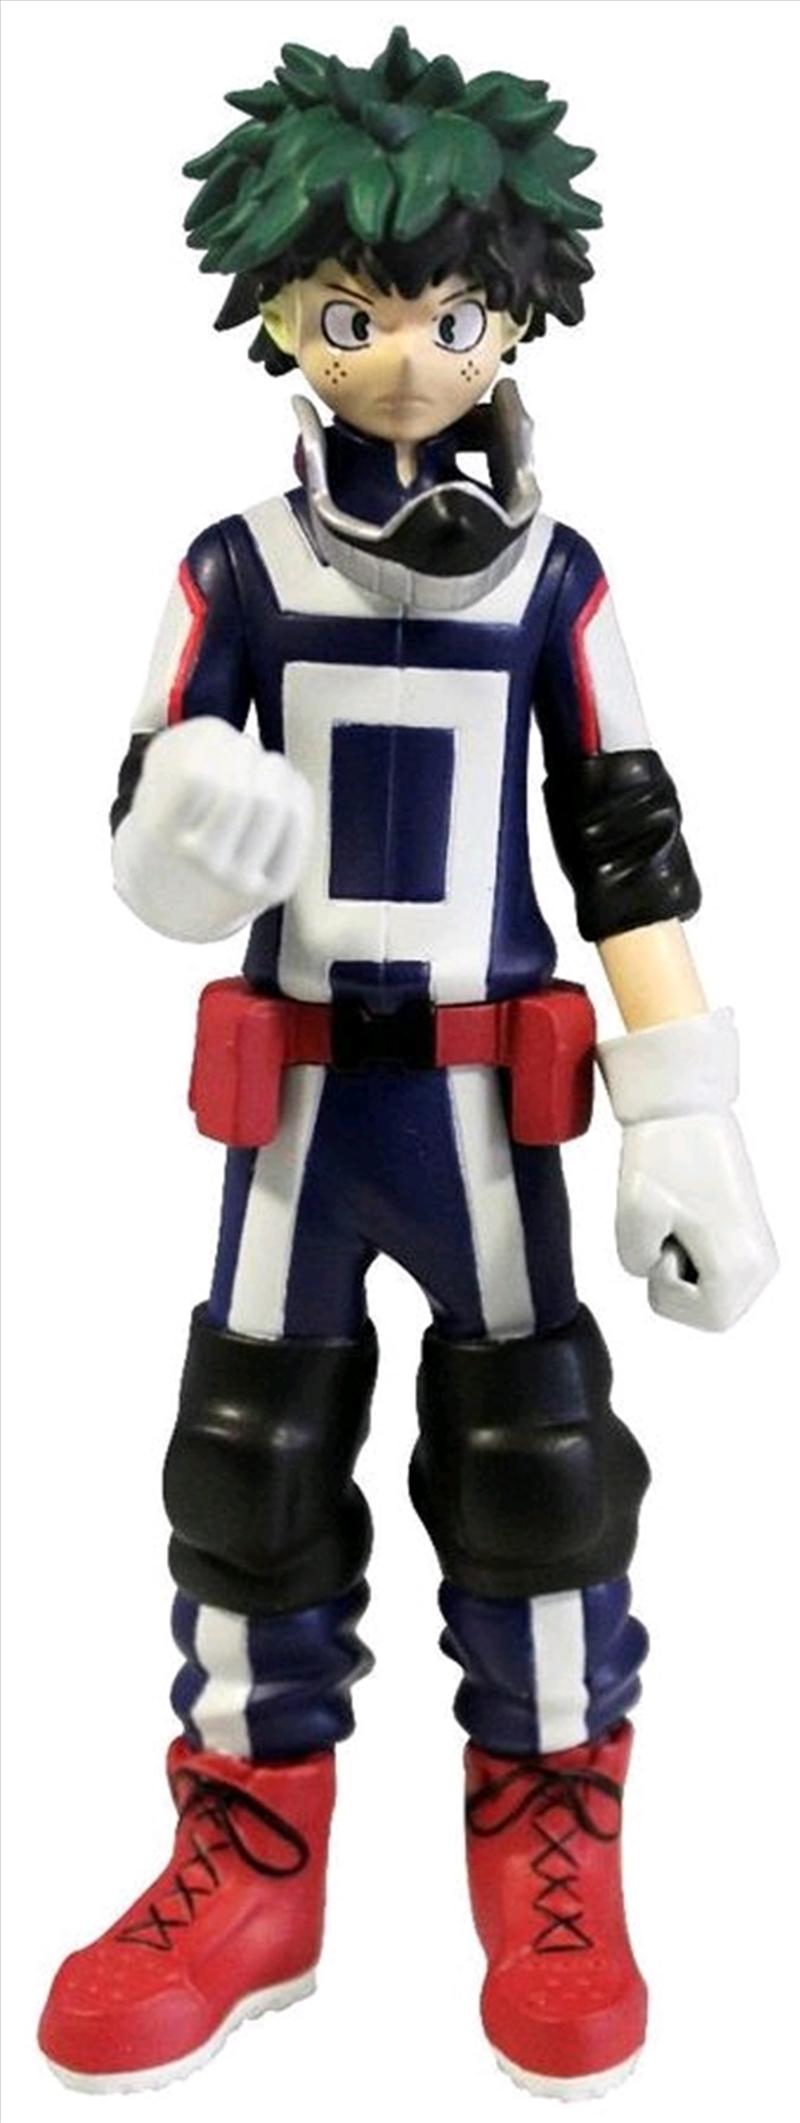 My Hero Academia - Izuku Midoriya (Deku) 1:10 Scale Action Figure | Merchandise